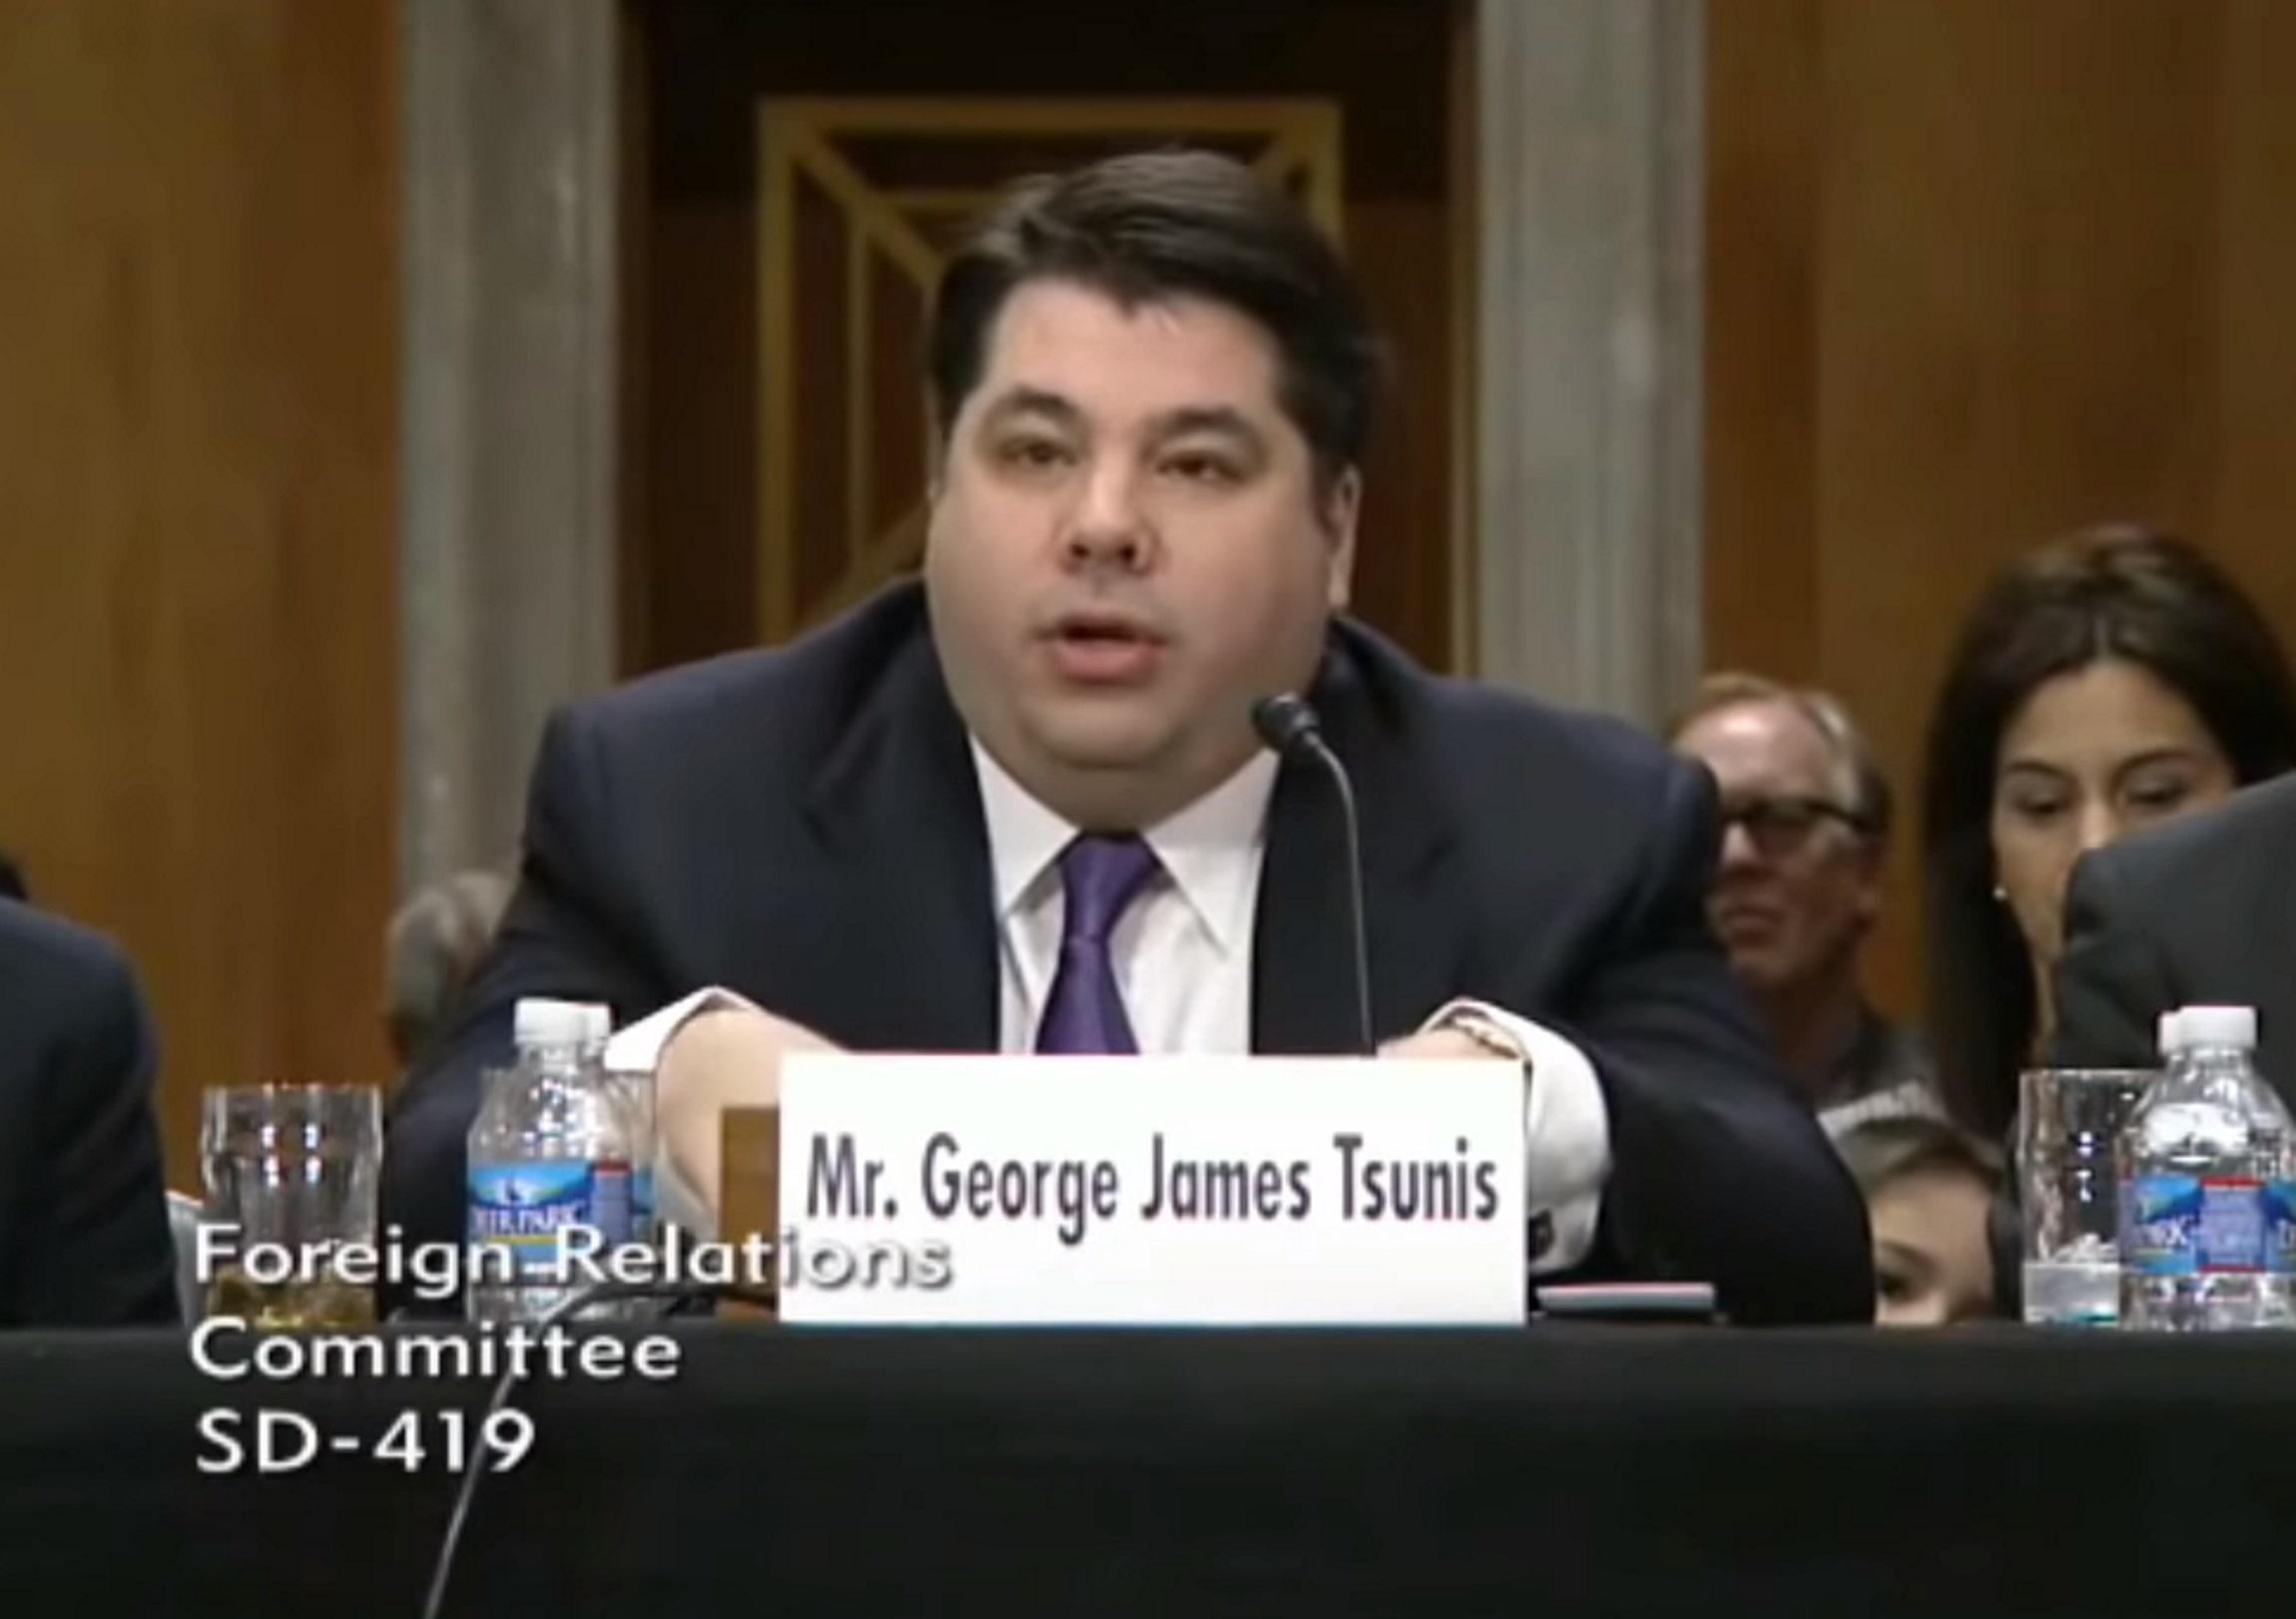 AP: Ο Τζορτζ Τσούνης «εκλεκτός» του Μπάιντεν για νέος πρέσβης στην Ελλάδα